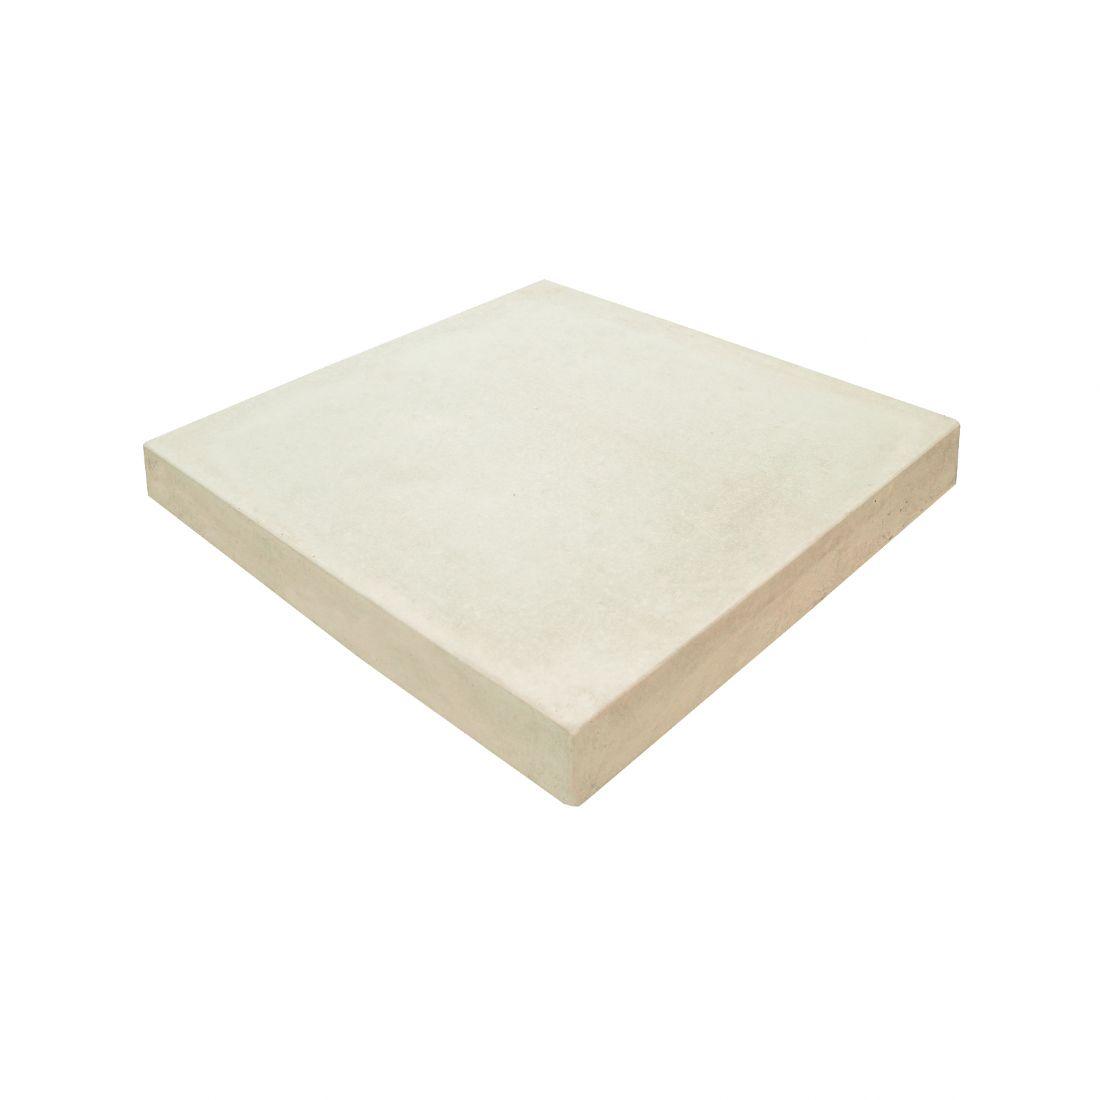 Milano Concrete Paver 600 x 600 x 37mm Sandstone #7